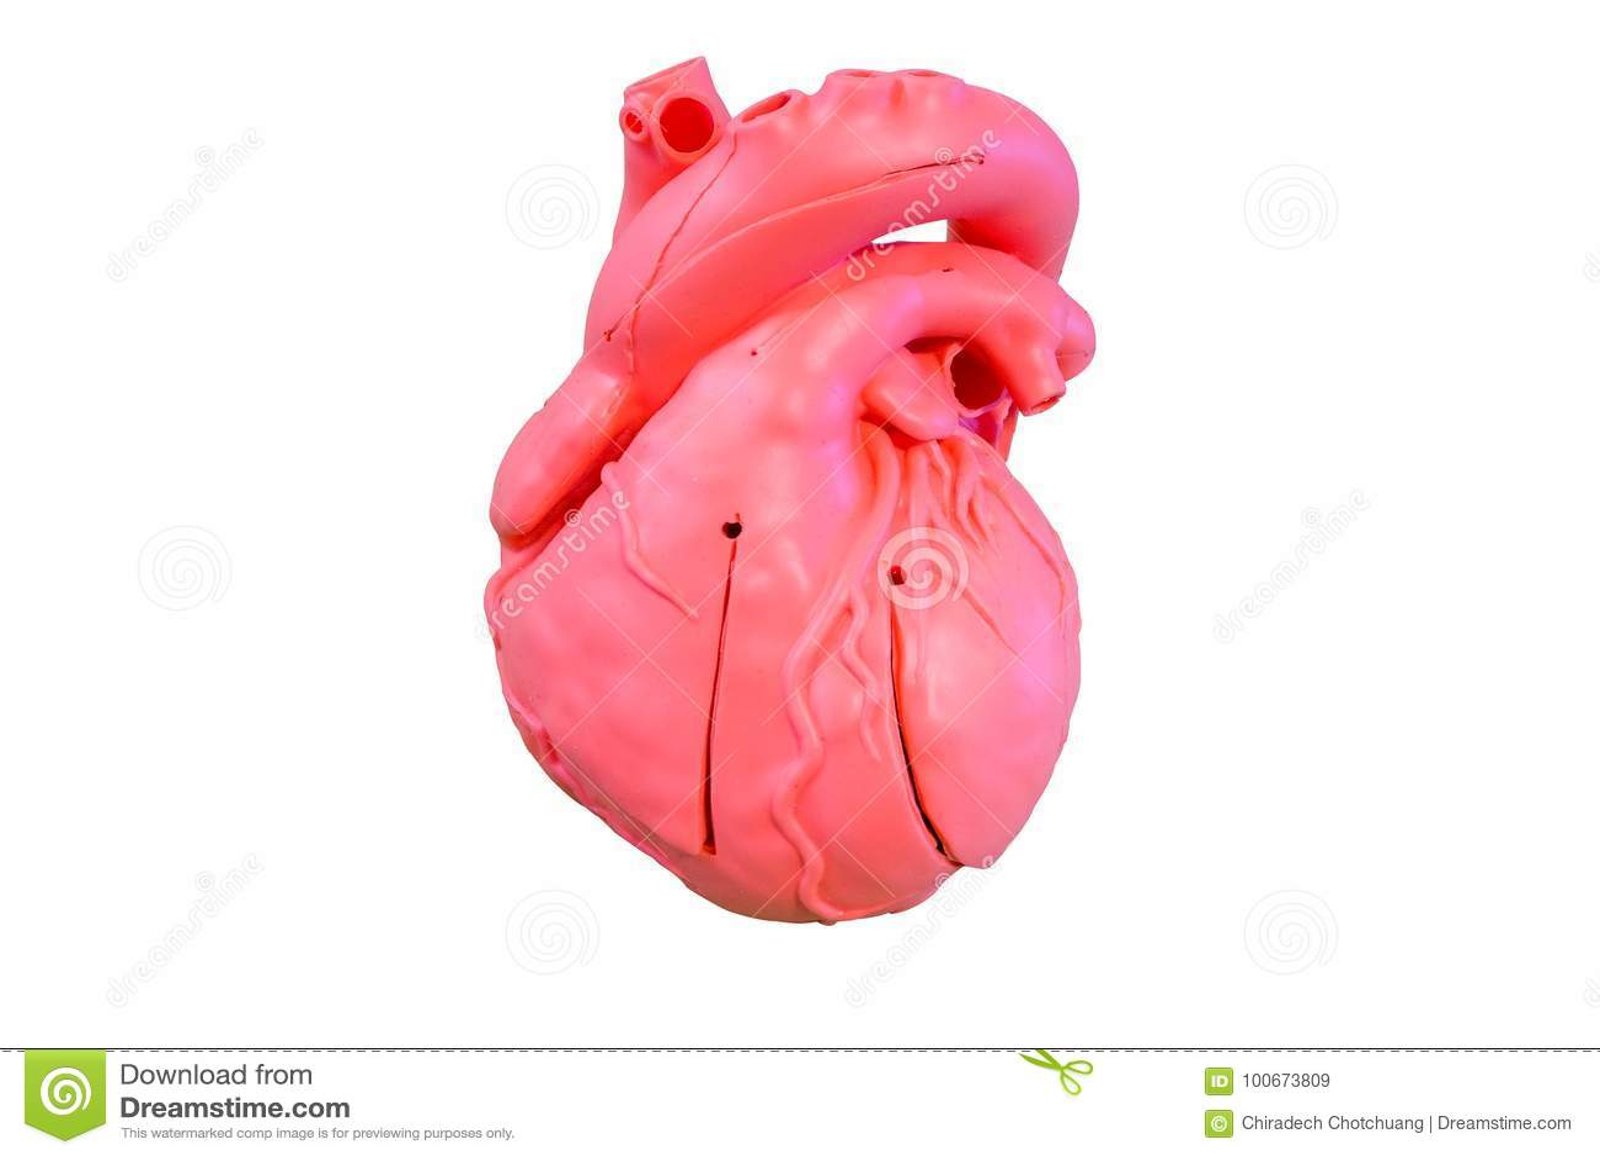 Anatomia krzemu wzorcowy typ sercowonaczyniowy system